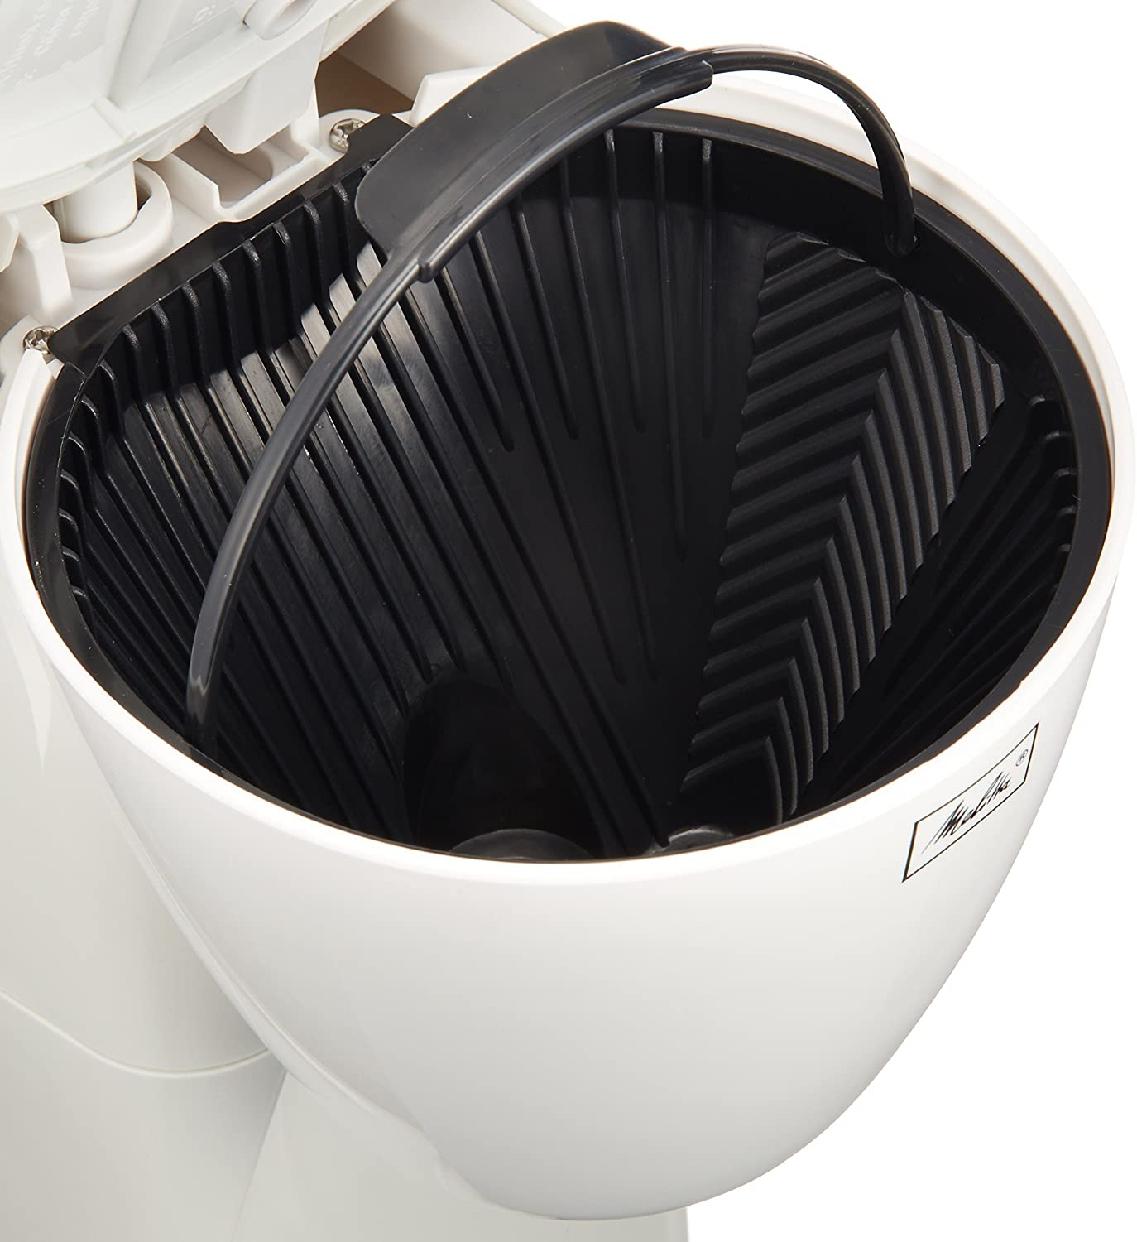 Melitta(メリタ) アロマサーモ 5カップ JCM-512の商品画像3